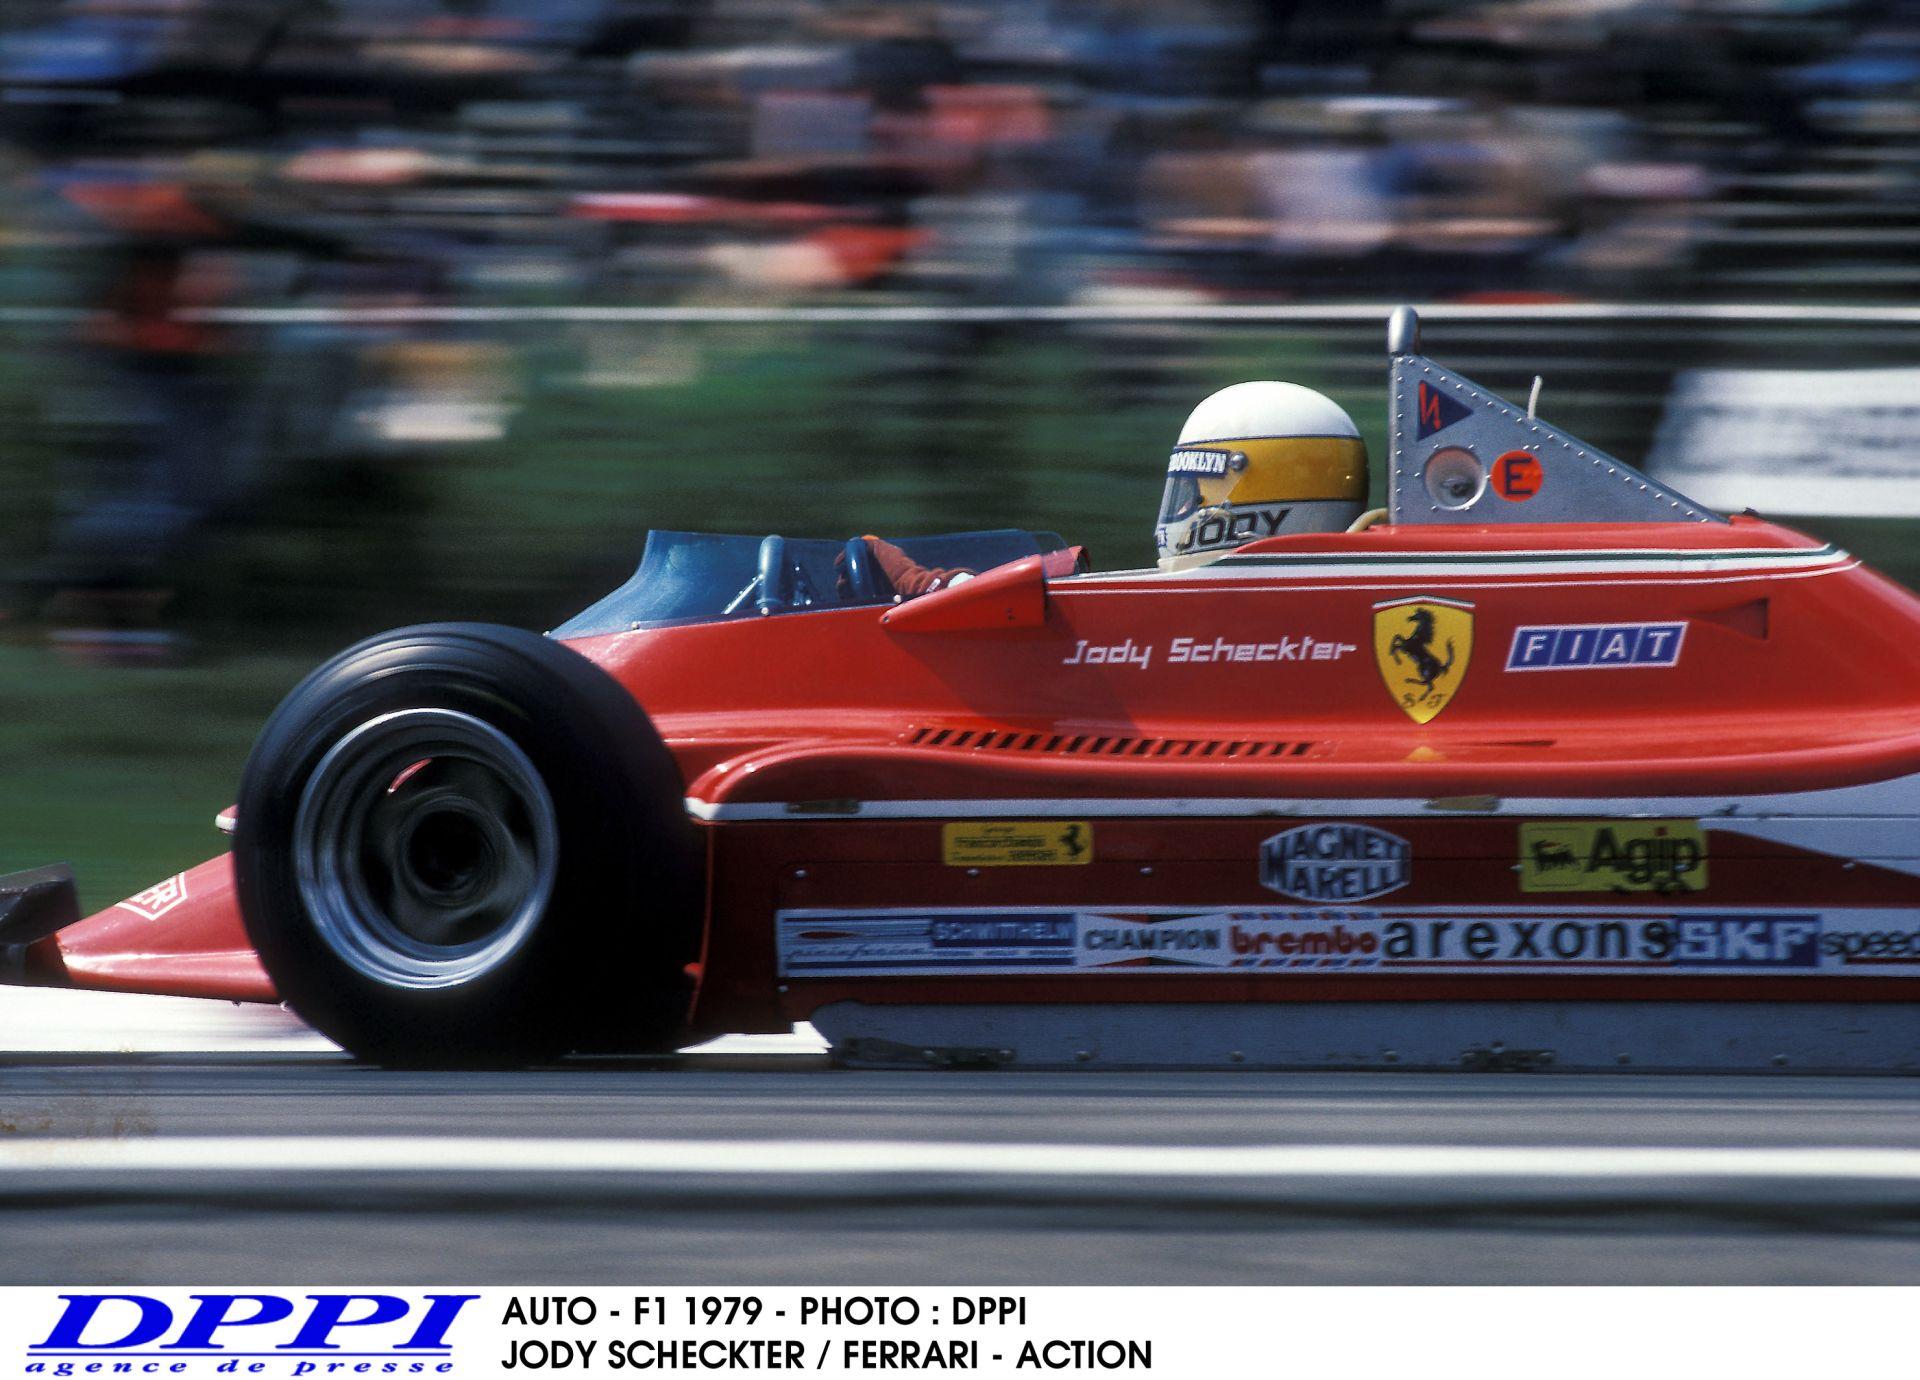 Ma 66 éves a Ferrari világbajnok versenyzője: egy nagy név